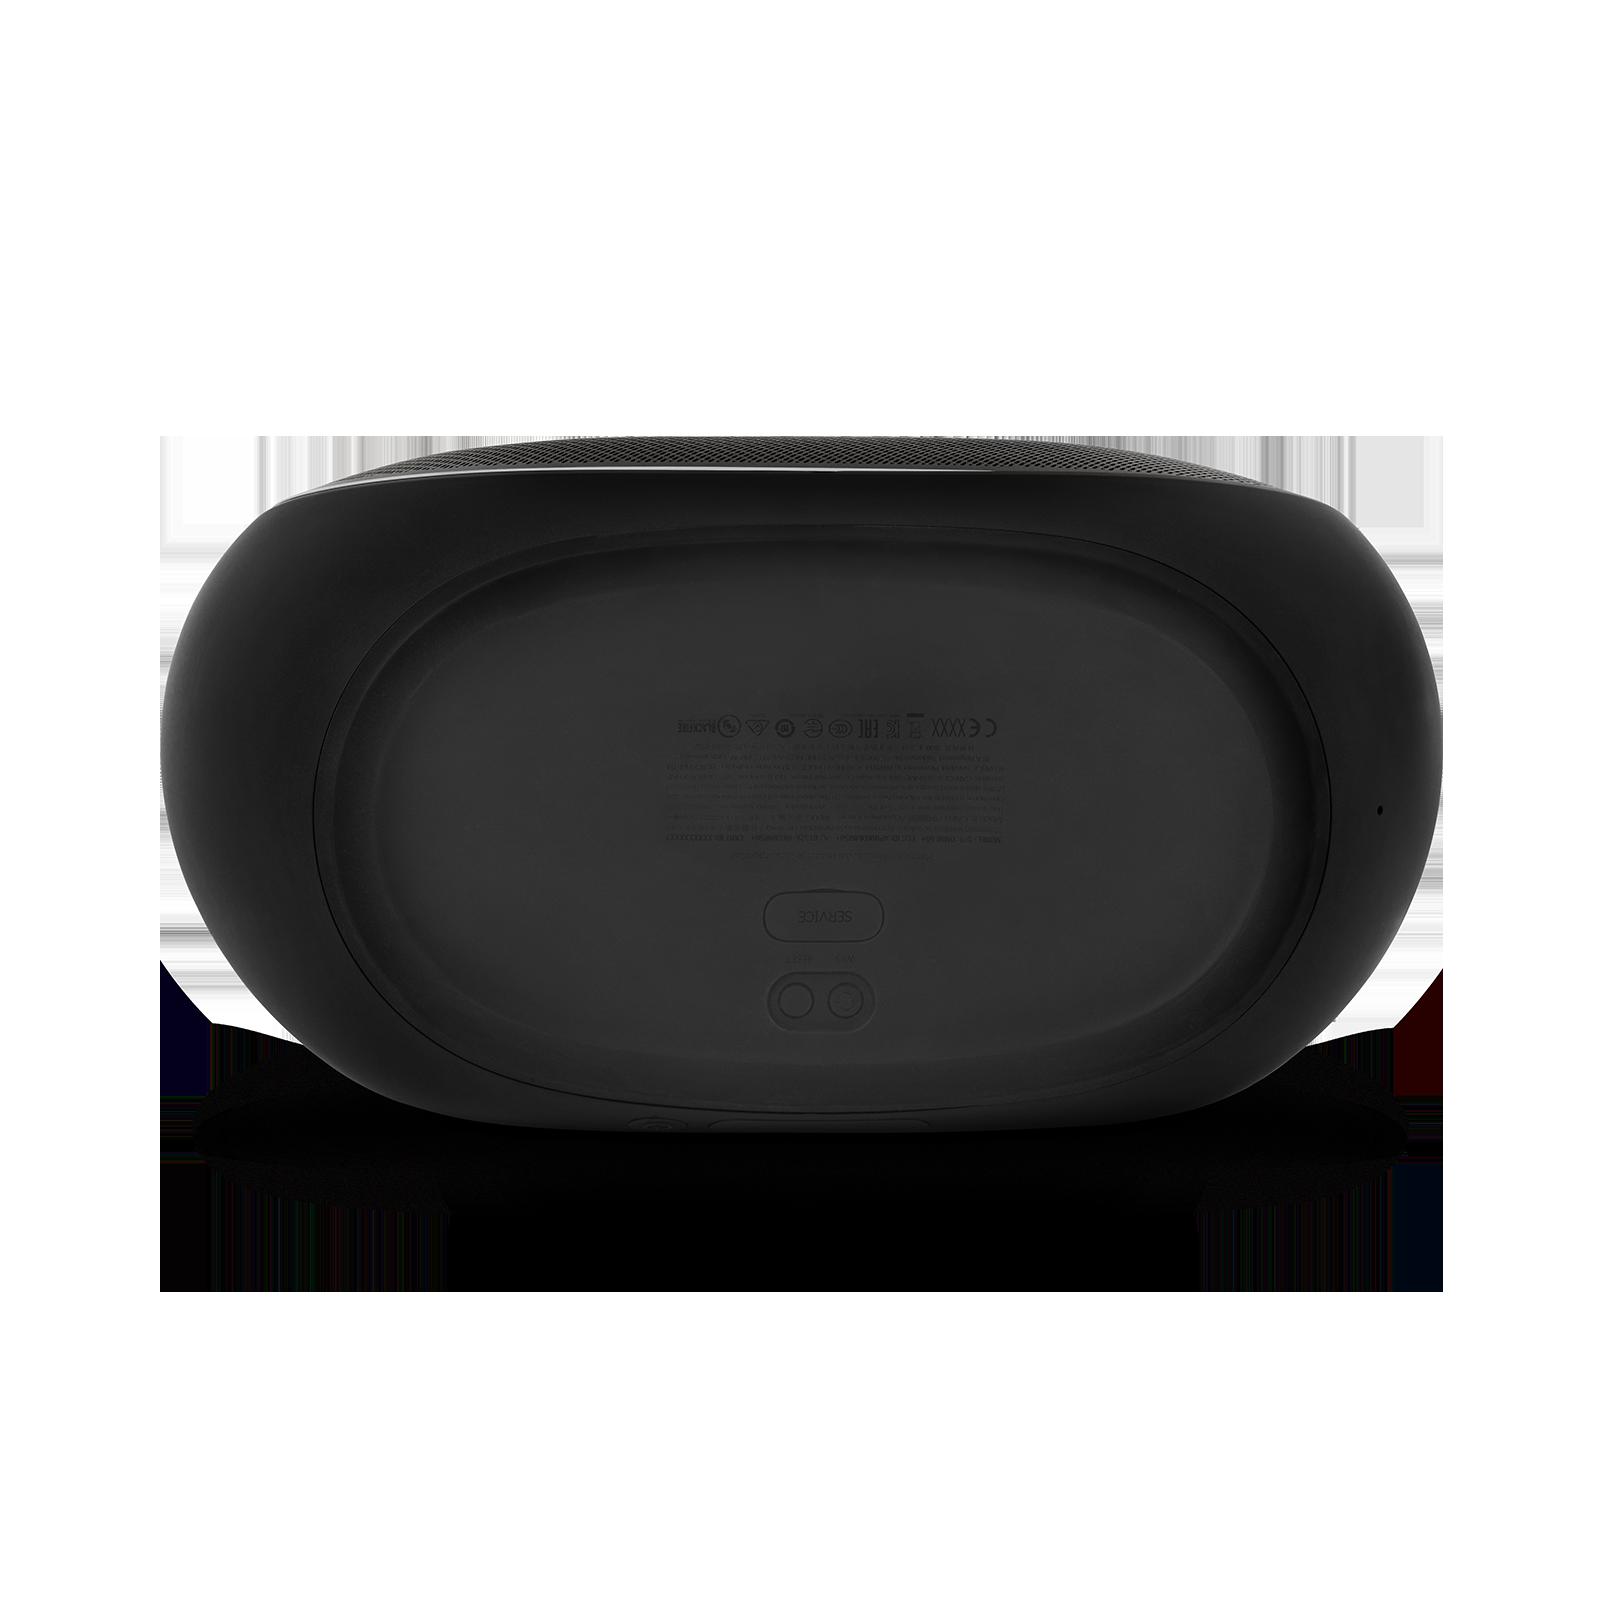 Omni 50+ - Black - Wireless HD Indoor/Outdoor speaker with rechargeable battery - Detailshot 1